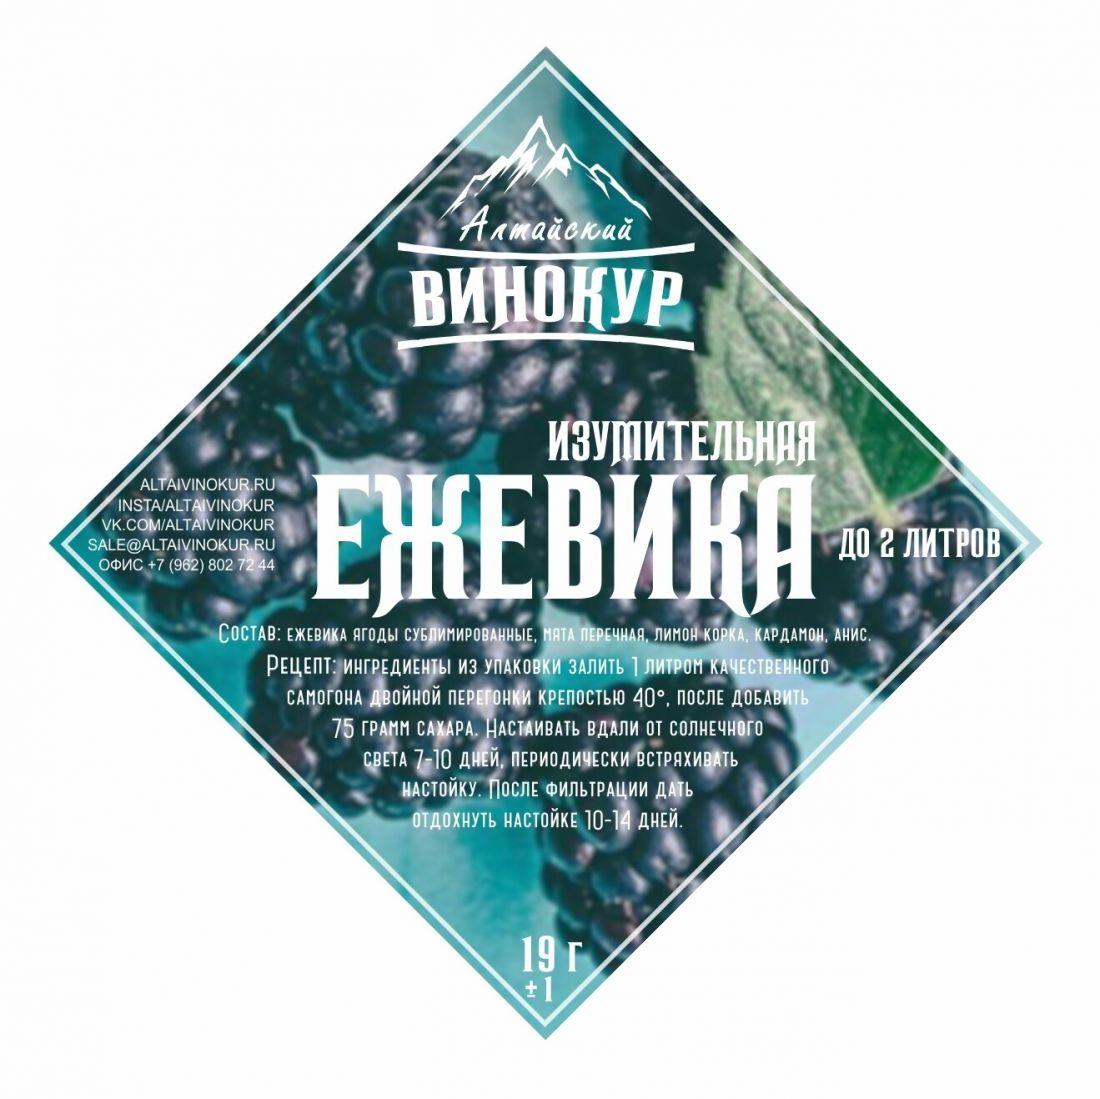 Настойка Изумительная Ежевика (Алтайский Винокур)